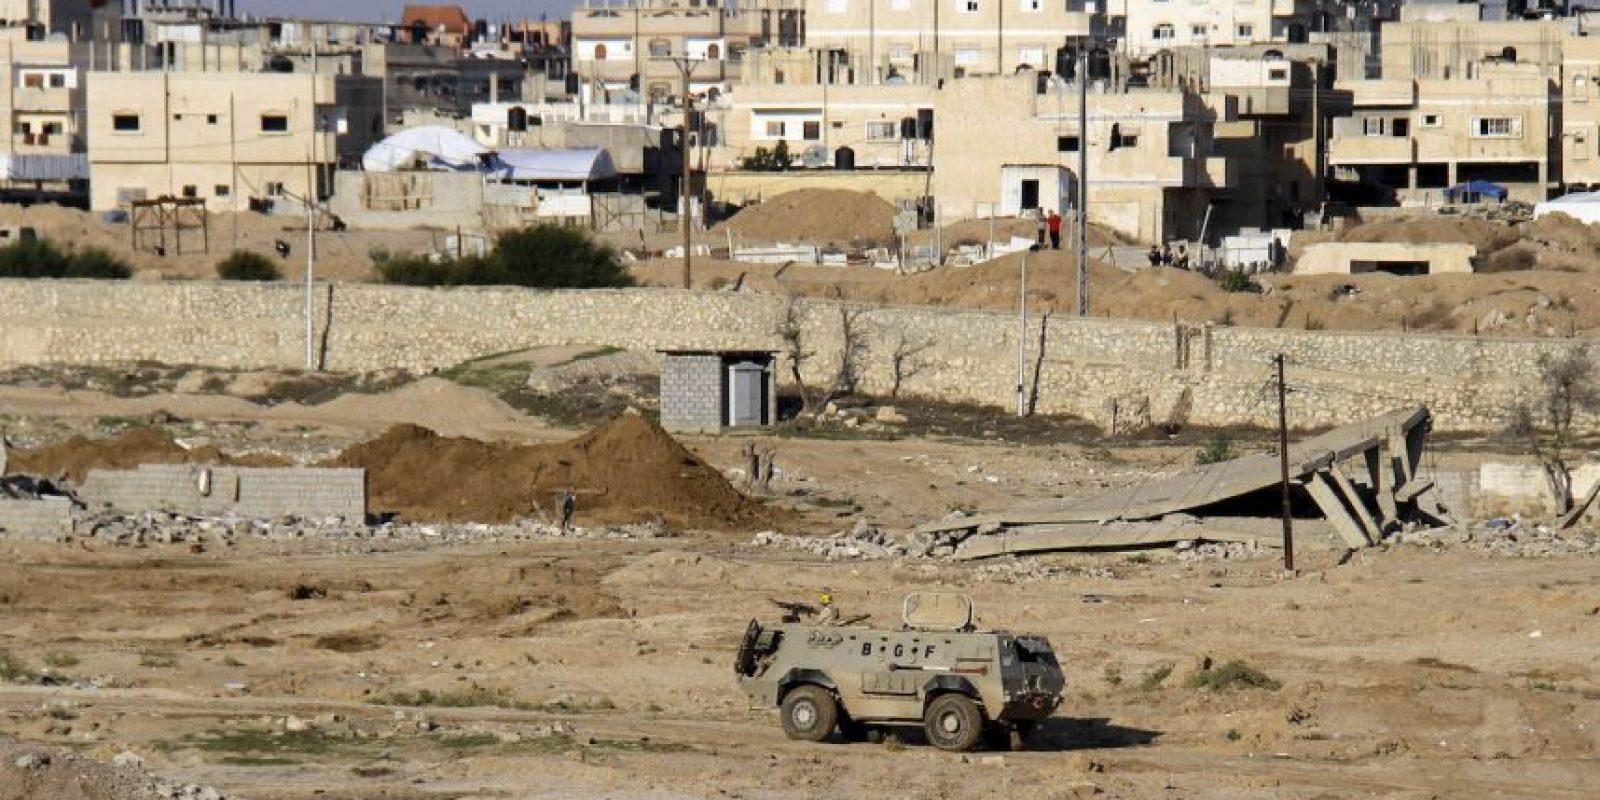 El objetivo de la bomba era atentar contra los kurdos. Foto:AP